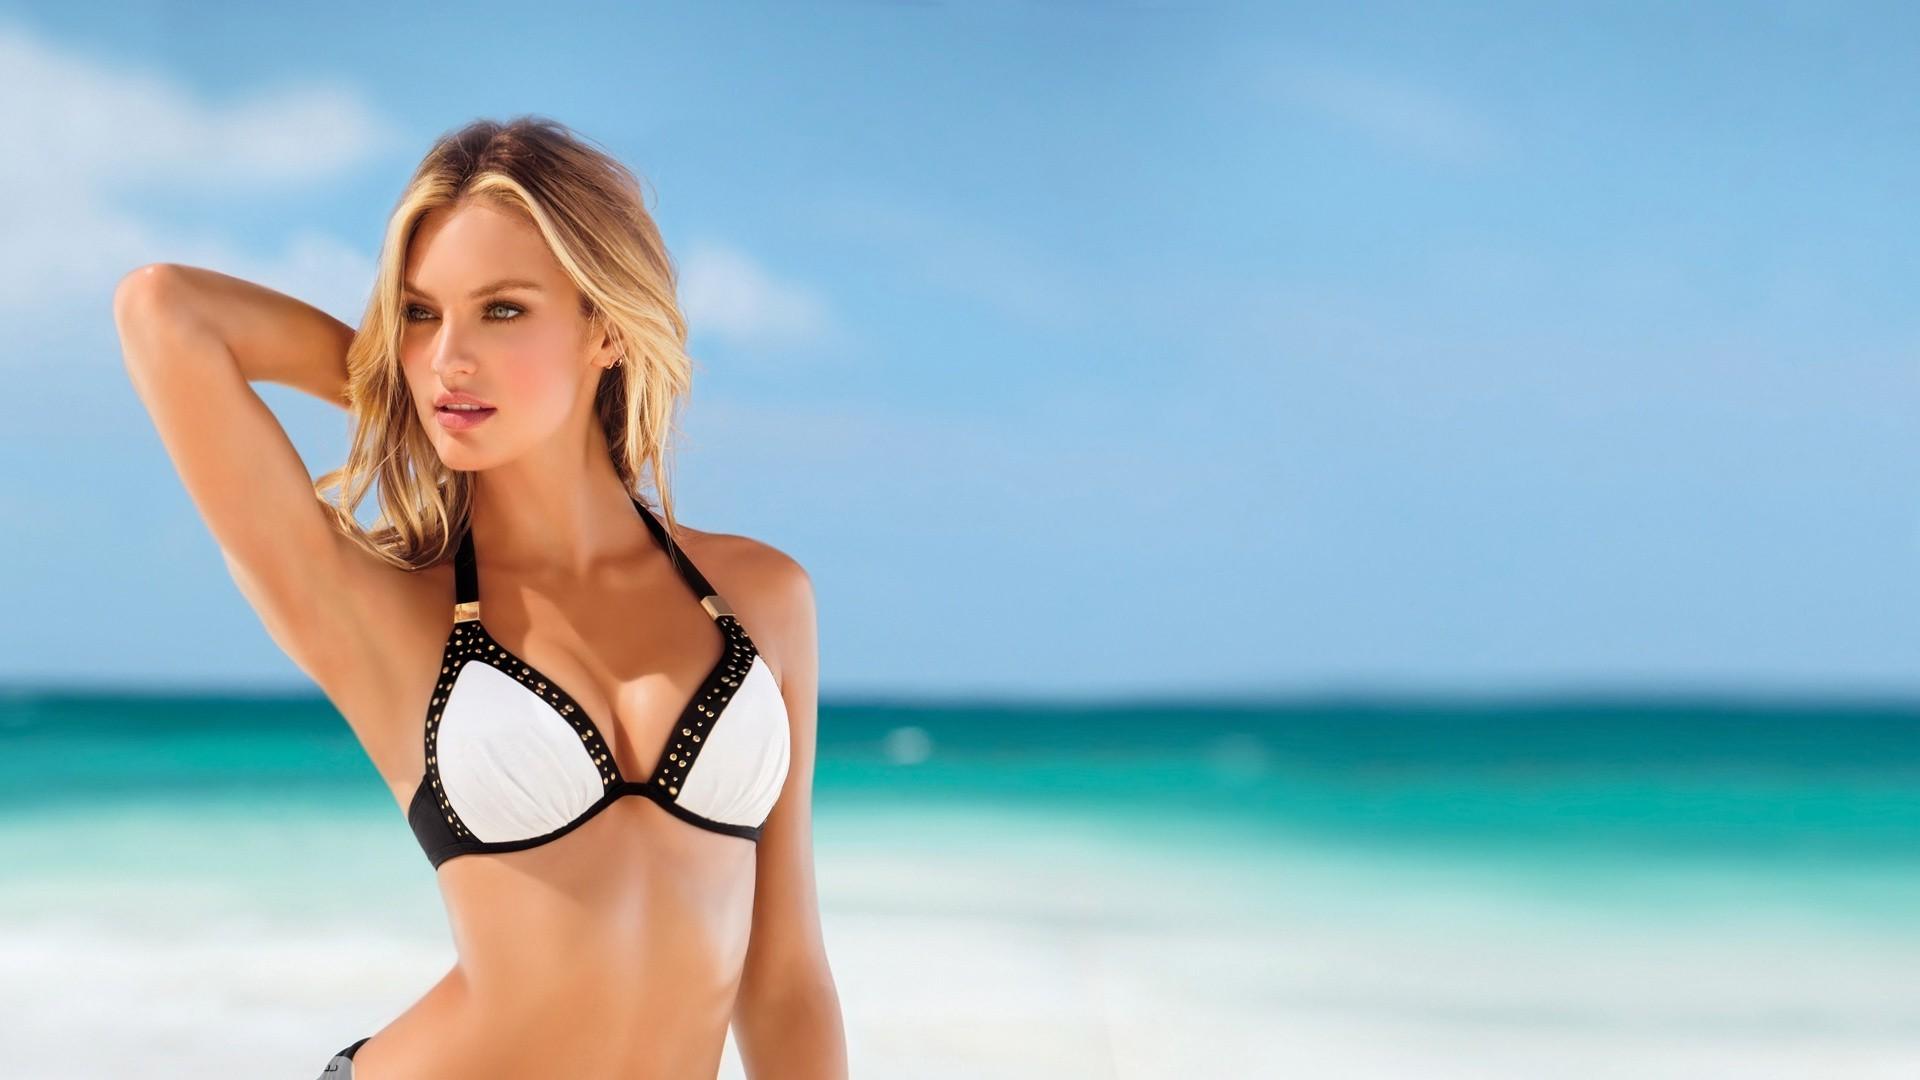 Wallpaper Candice Swanepoel Model Blonde Women Bikini